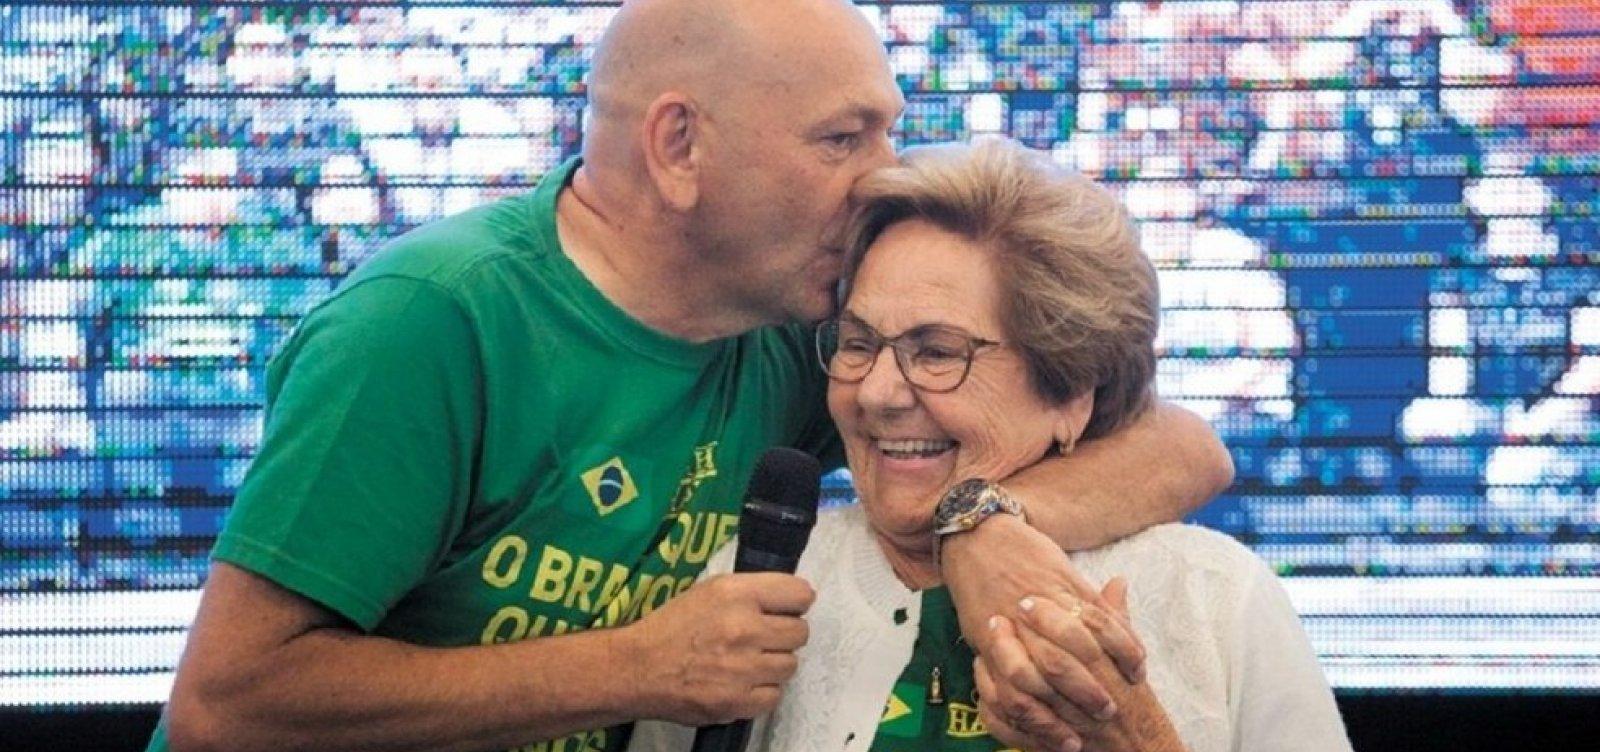 Morre mãe de Luciano Hang, da Havan, após complicações por Covid-19